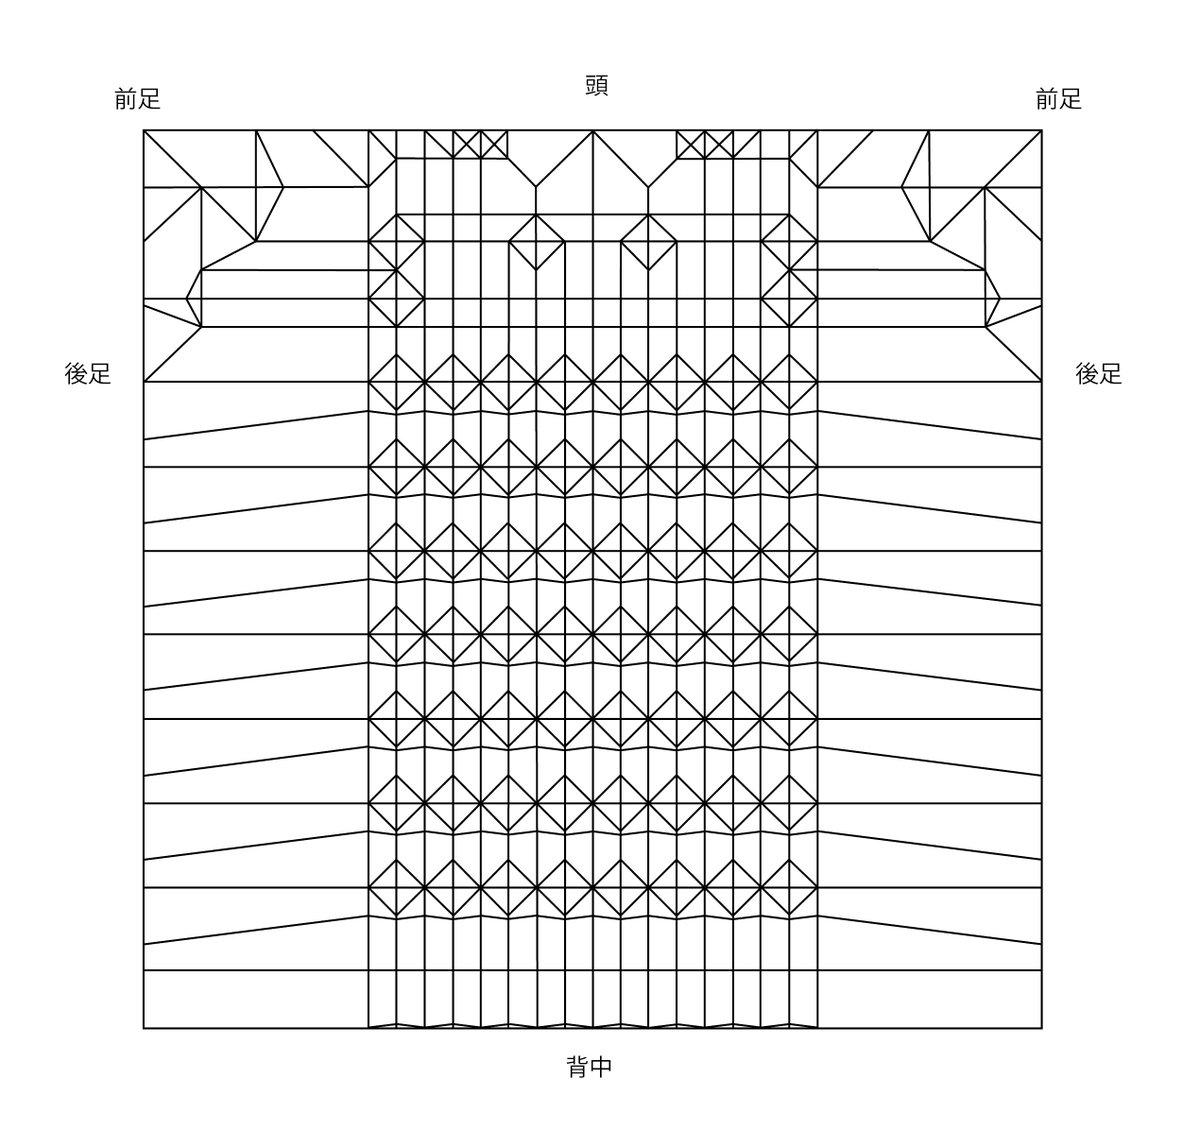 ハリネズミ 折り紙